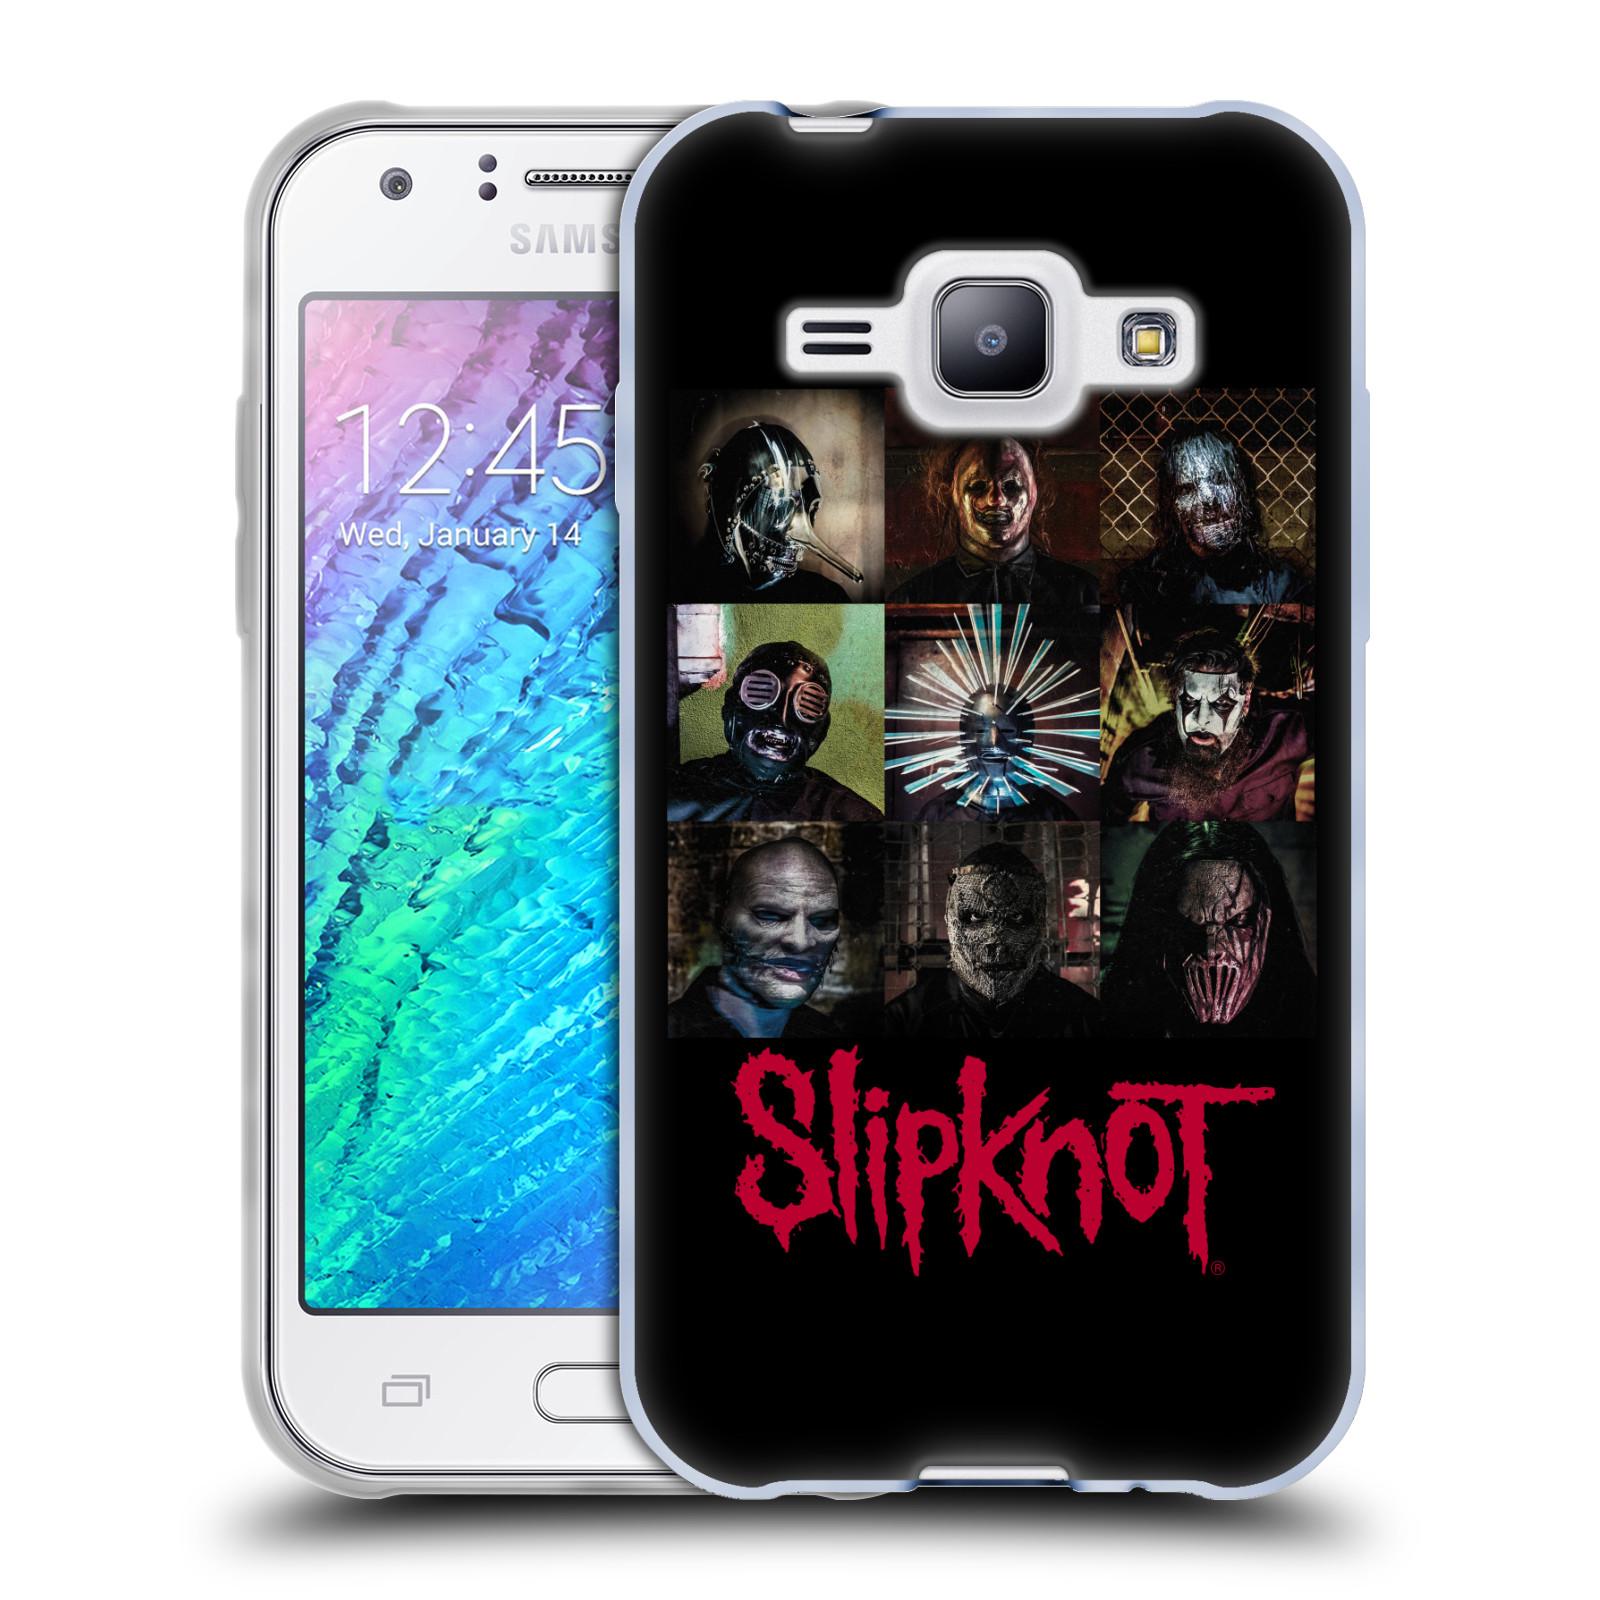 Silikonové pouzdro na mobil Samsung Galaxy J1 HEAD CASE Slipknot - Bloky (Silikonový kryt či obal na mobilní telefon licencovaným motivem Slipknot pro Samsung Galaxy J1 a J1 Duos)